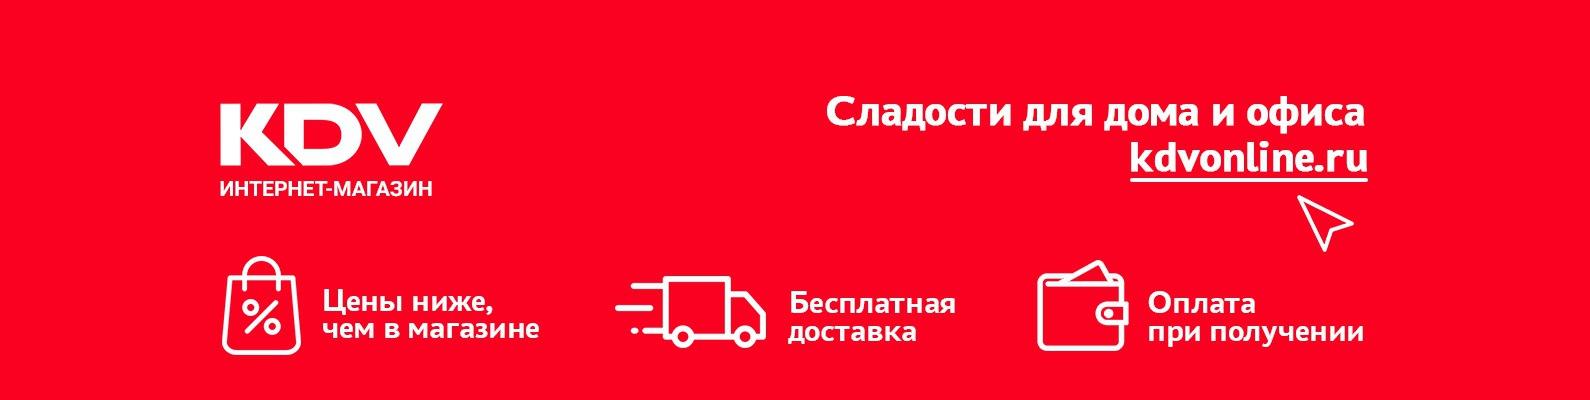 Кдв Интернет Магазин Великий Новгород